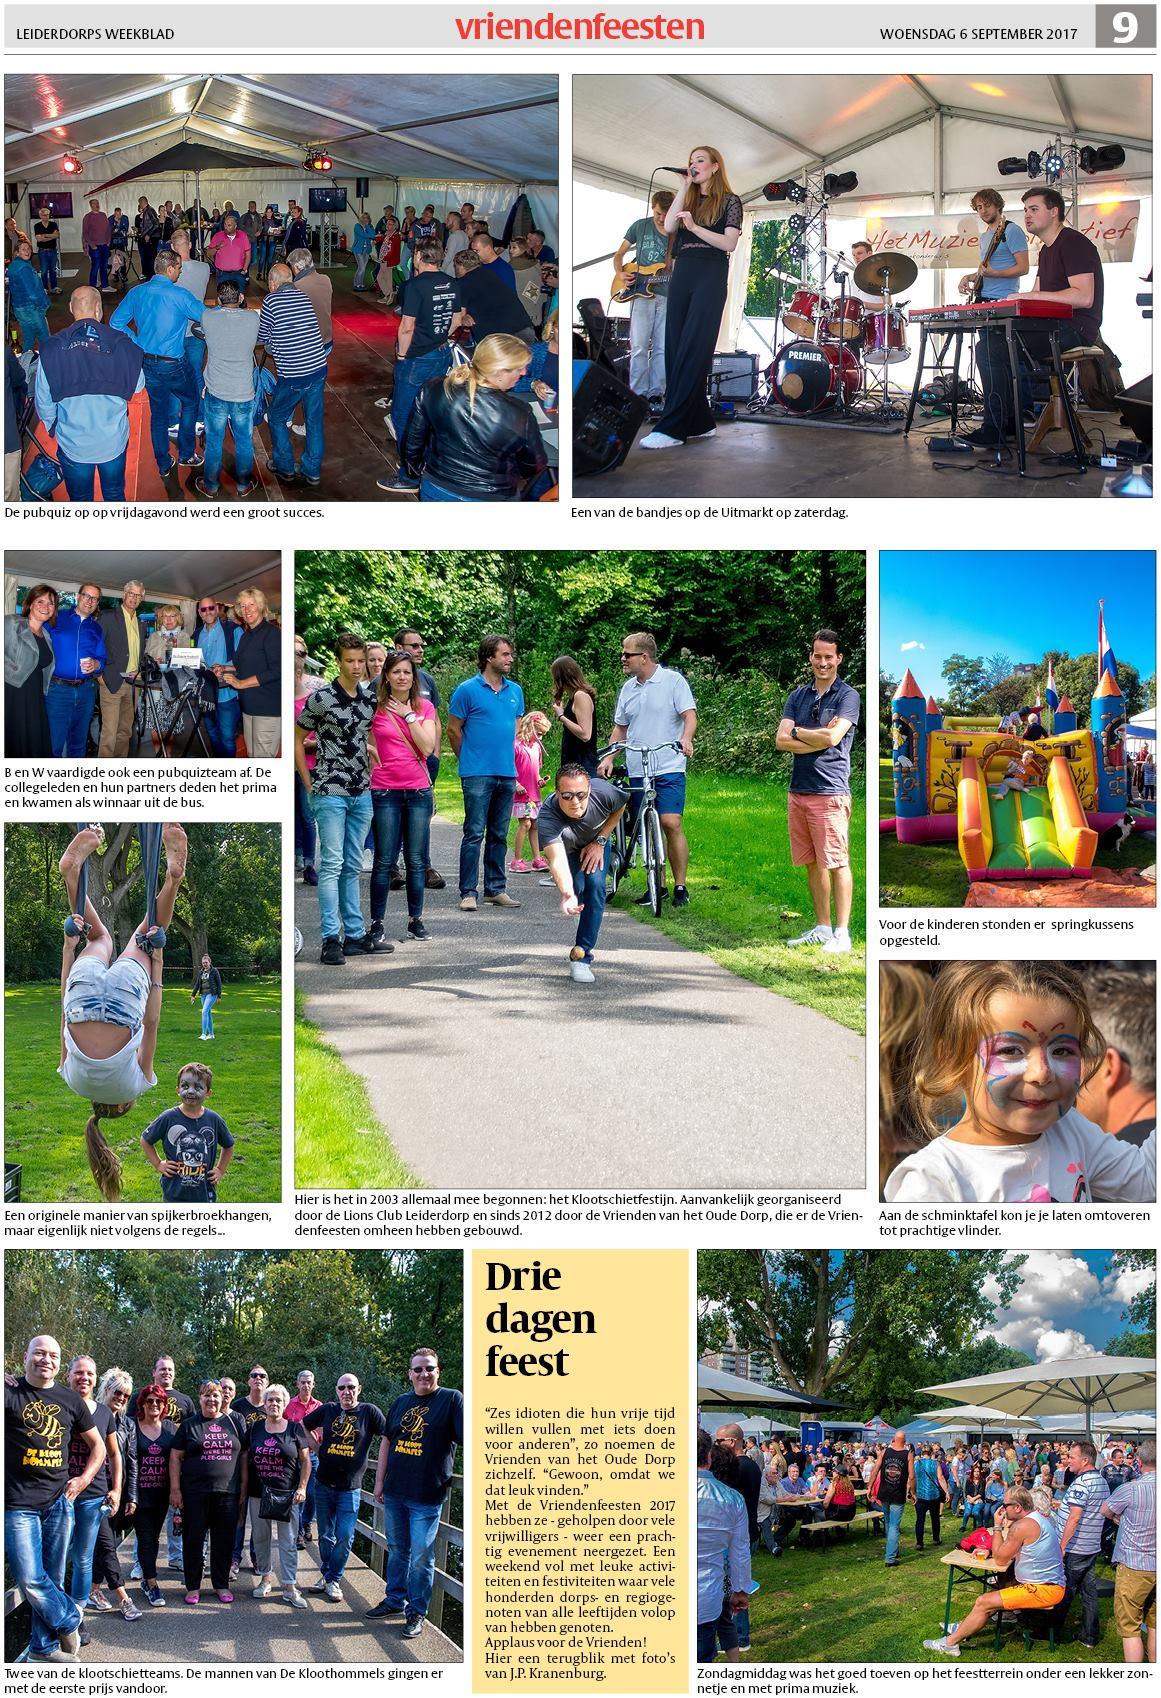 Schminktafel Te Koop.Leiderdorps Weekblad 6 September 2017